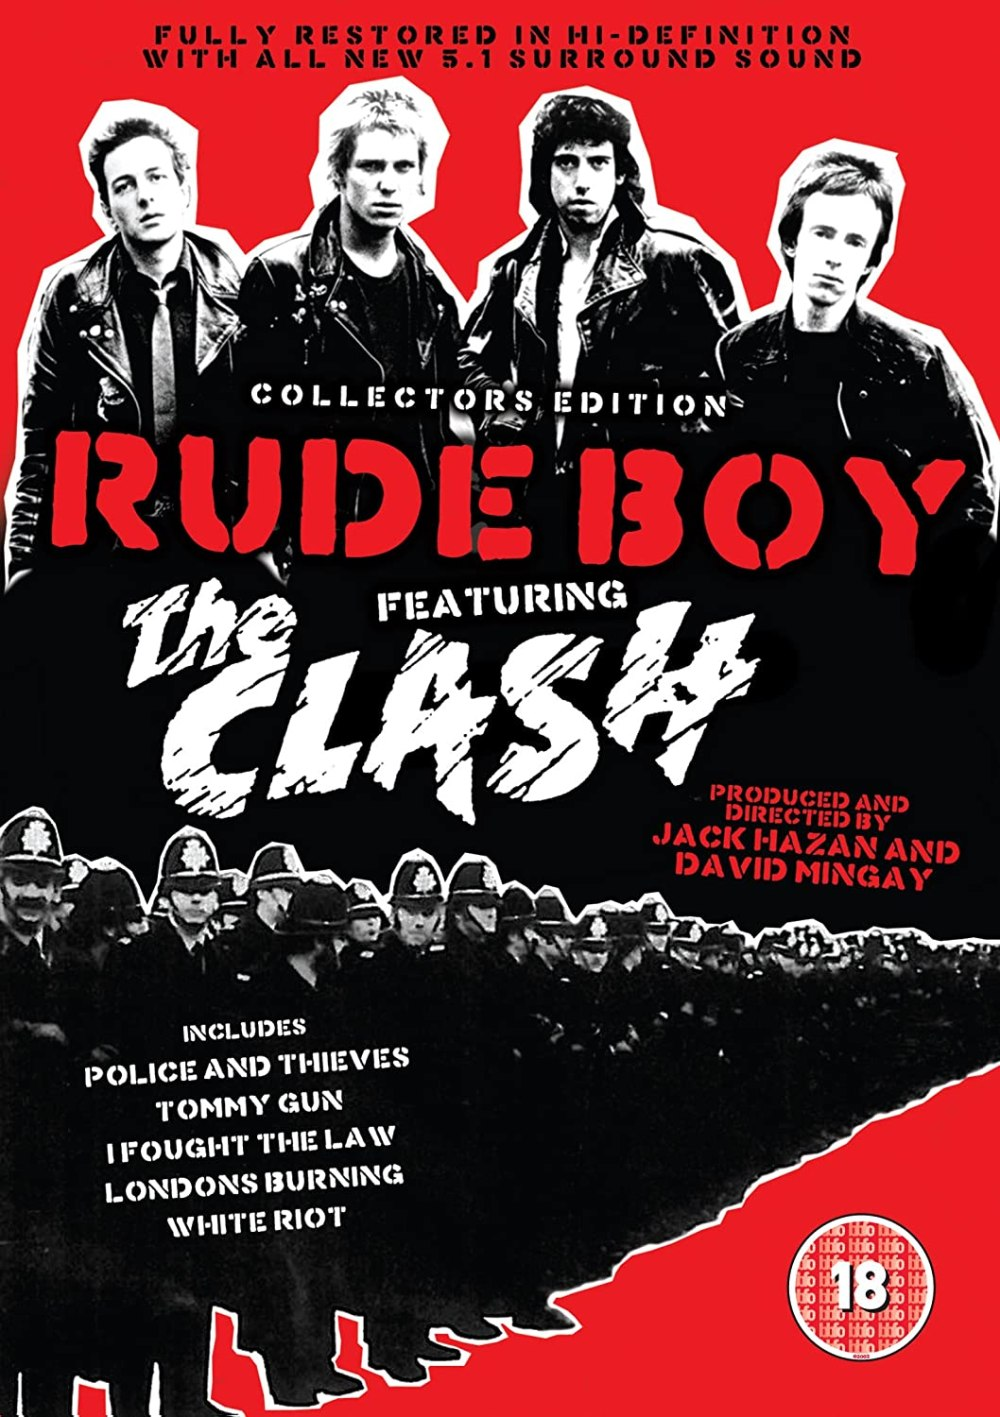 Cartel de la película documental 'Rude Boy' (1980) de Jack Hazan y David Mingay